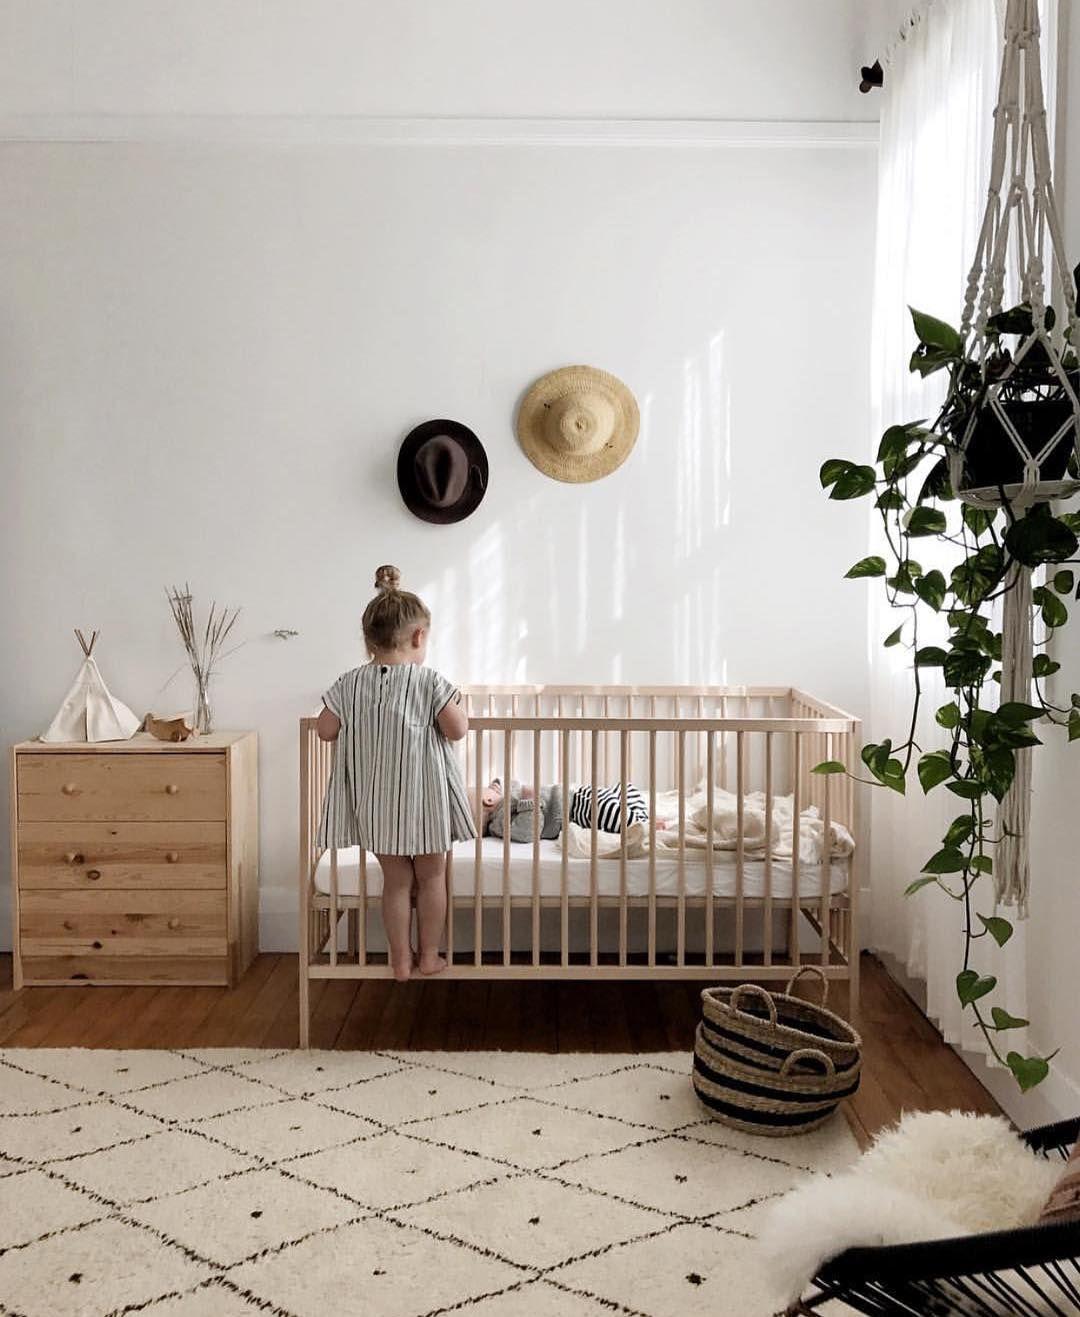 Weisses Babyzimmer Valerie H Studio Auf Der Suche Nach Inspiration Fur Schlichte Babyzimmer Designs Fur Uns